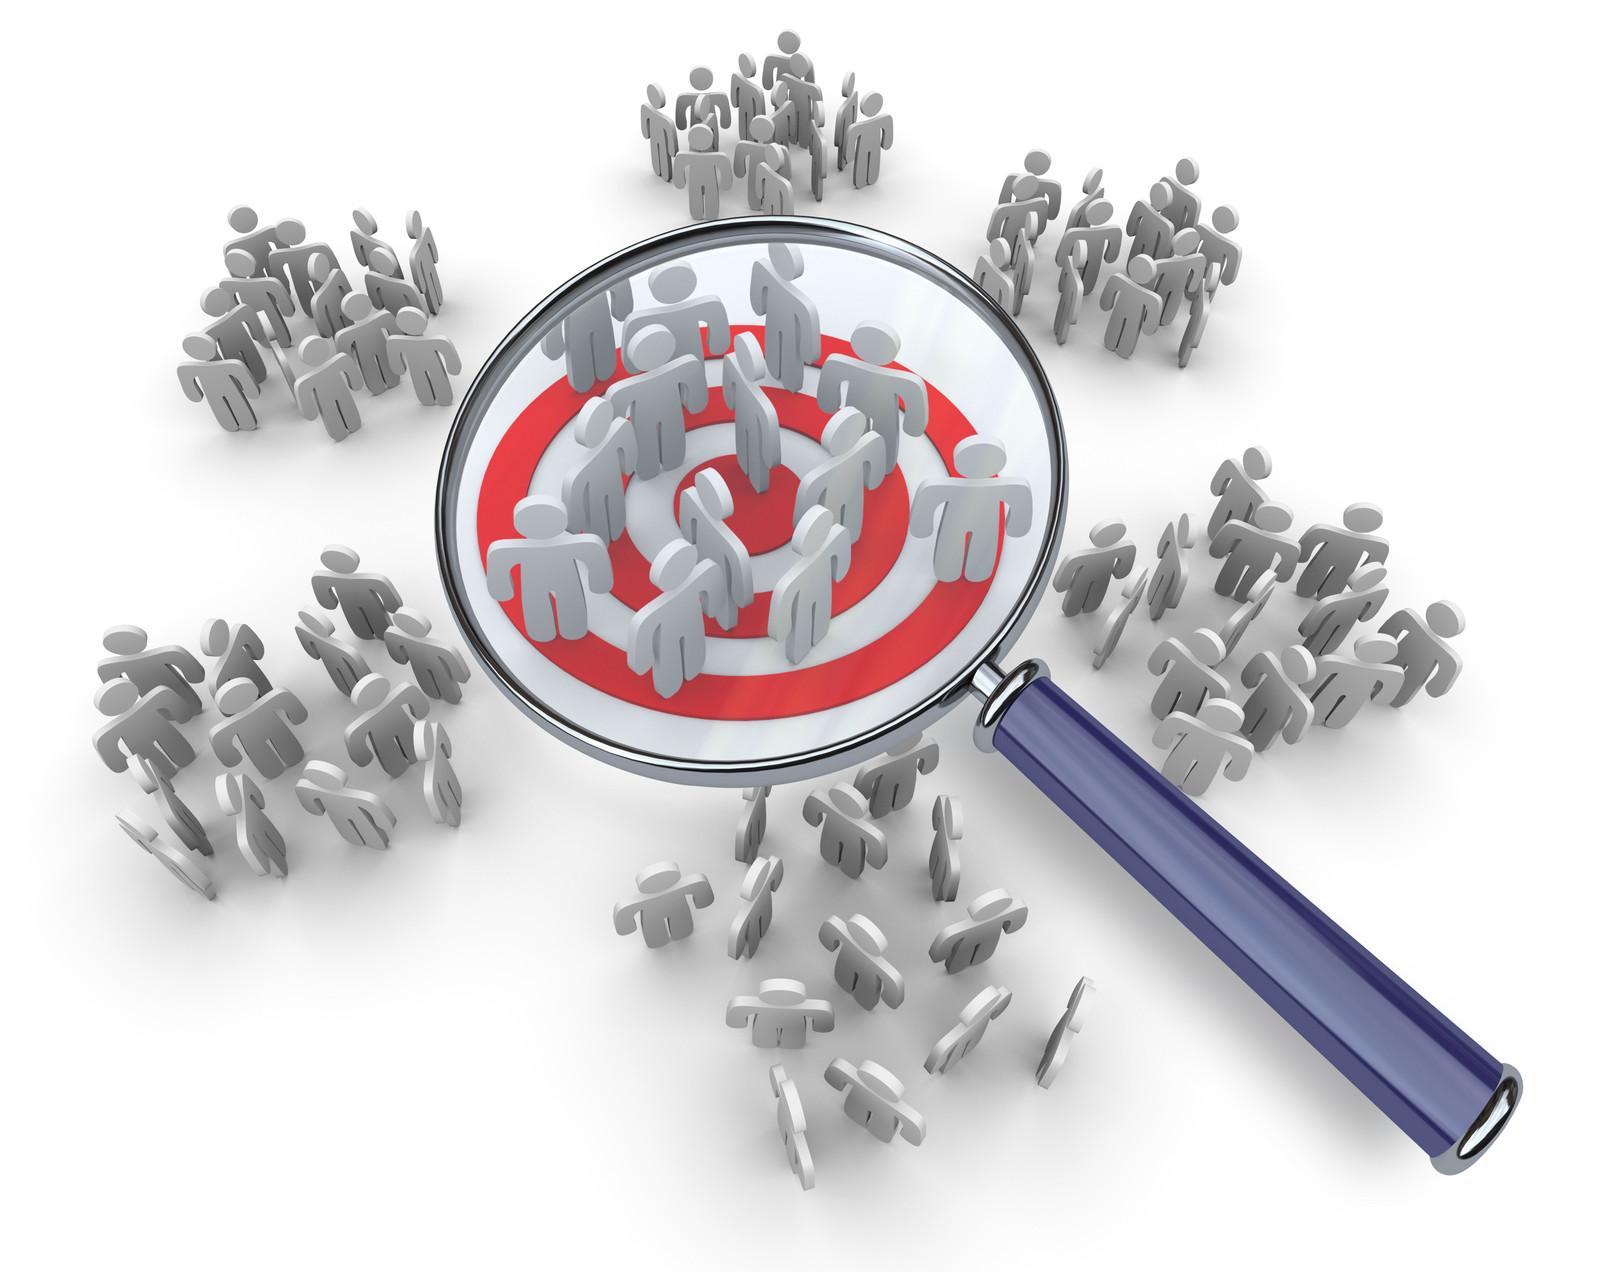 La segmentación como clave del éxito